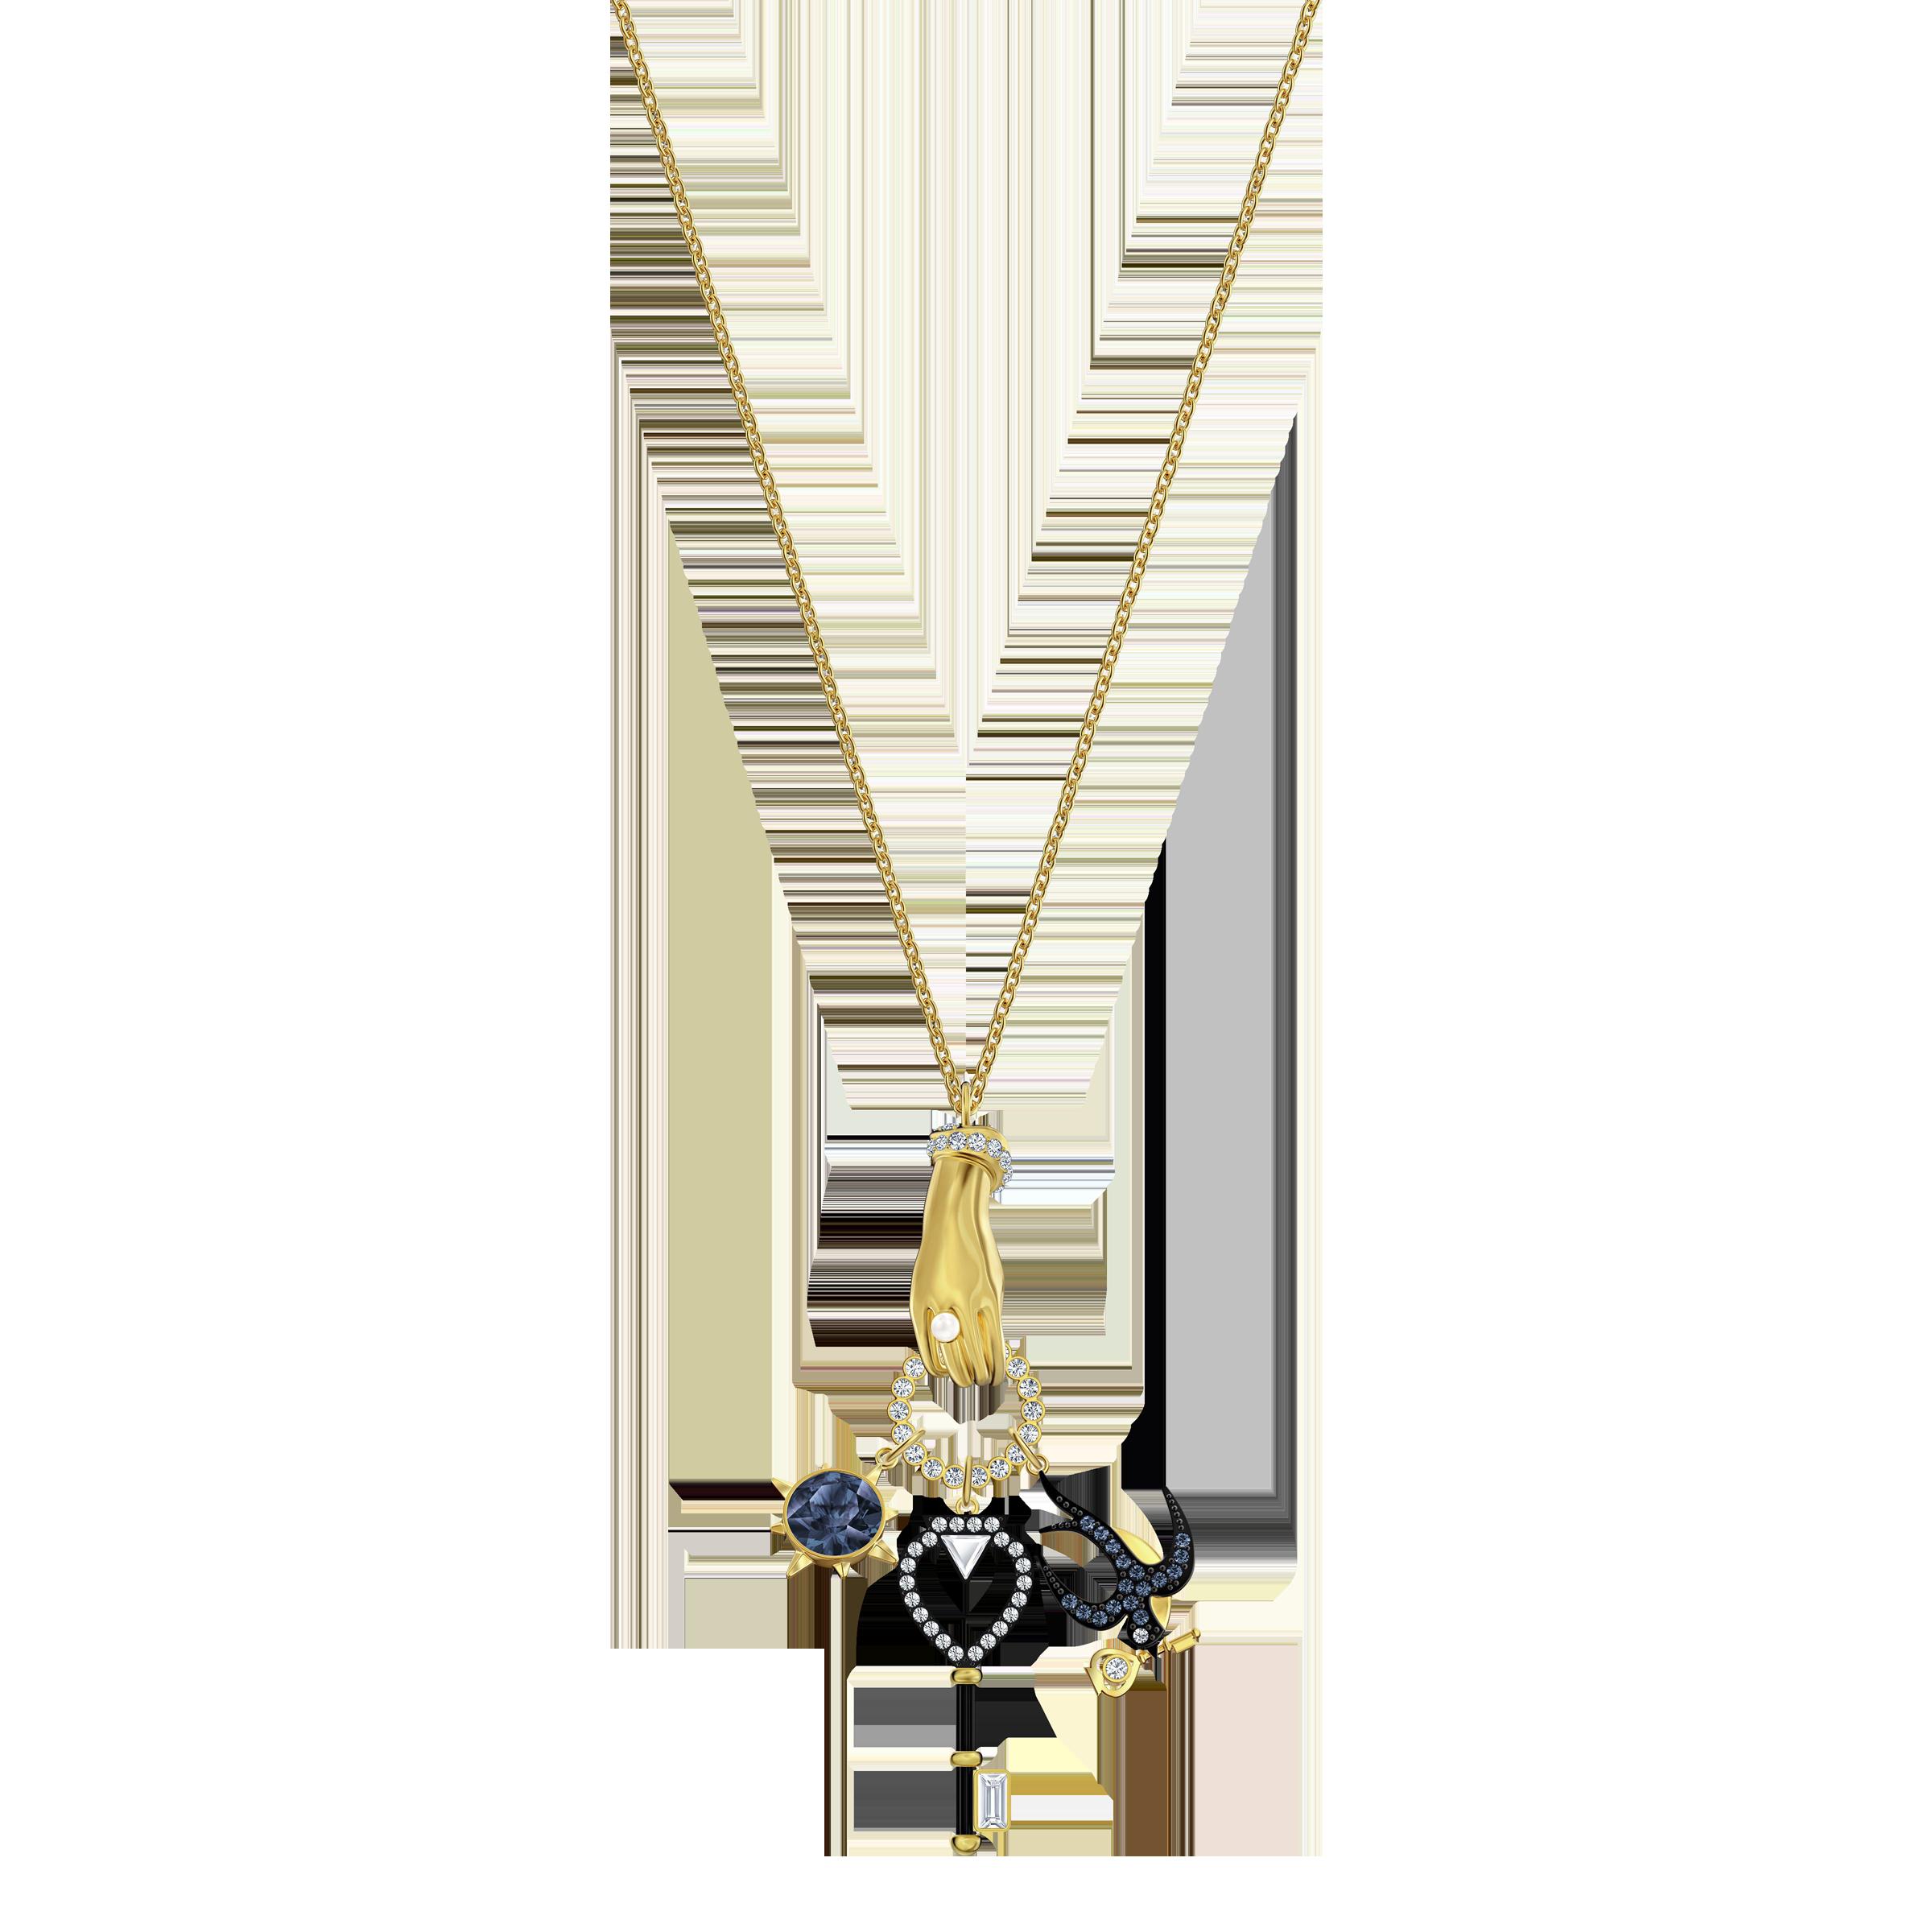 Tarot Magic Charm Pendant, Multi-colored, Gold-tone plated